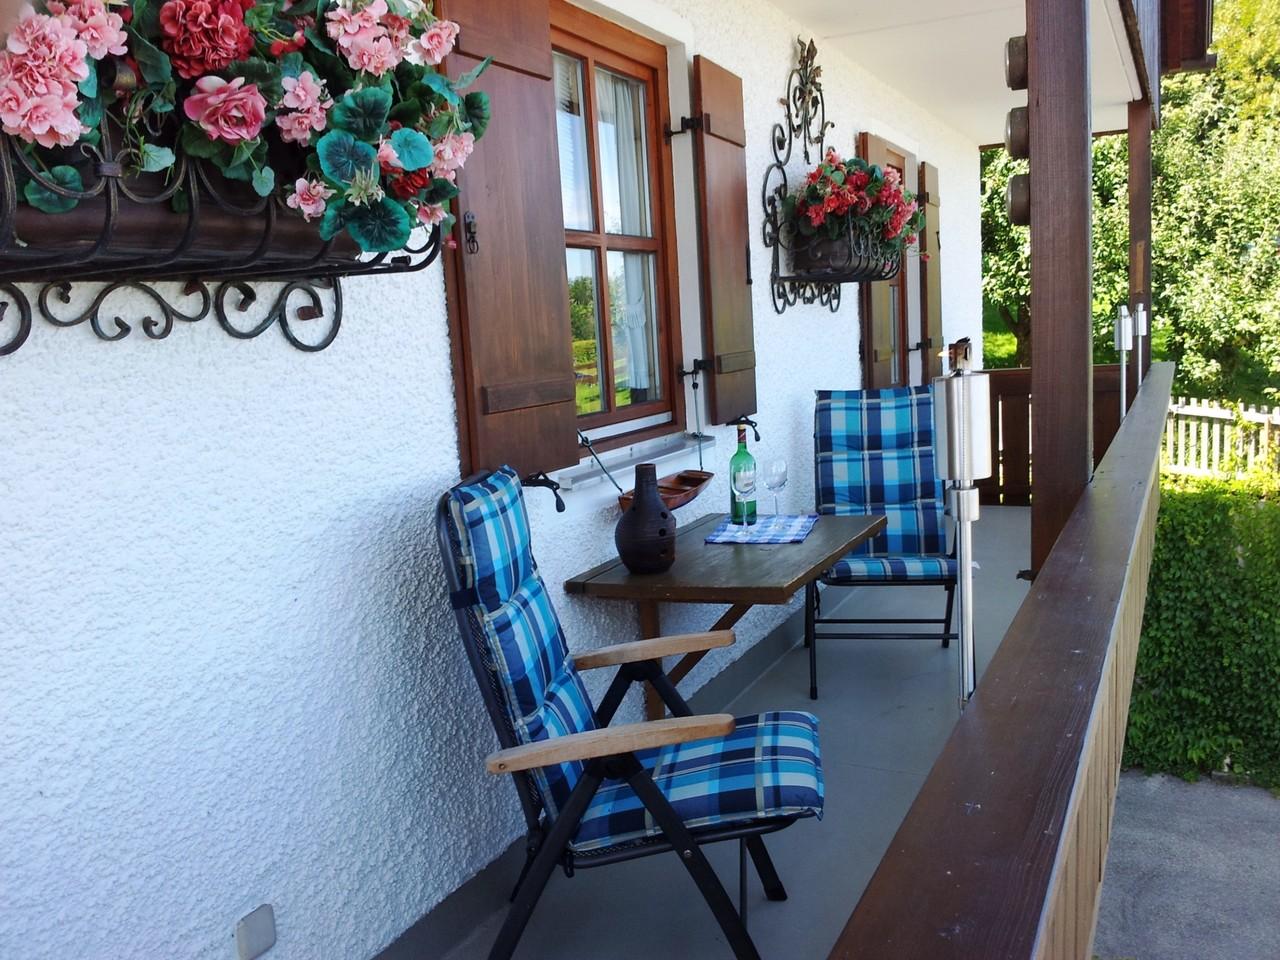 Ferienwohnung Panoramablick in Gstadt am Chiemsee - www.fewo-chiemseeblick.de